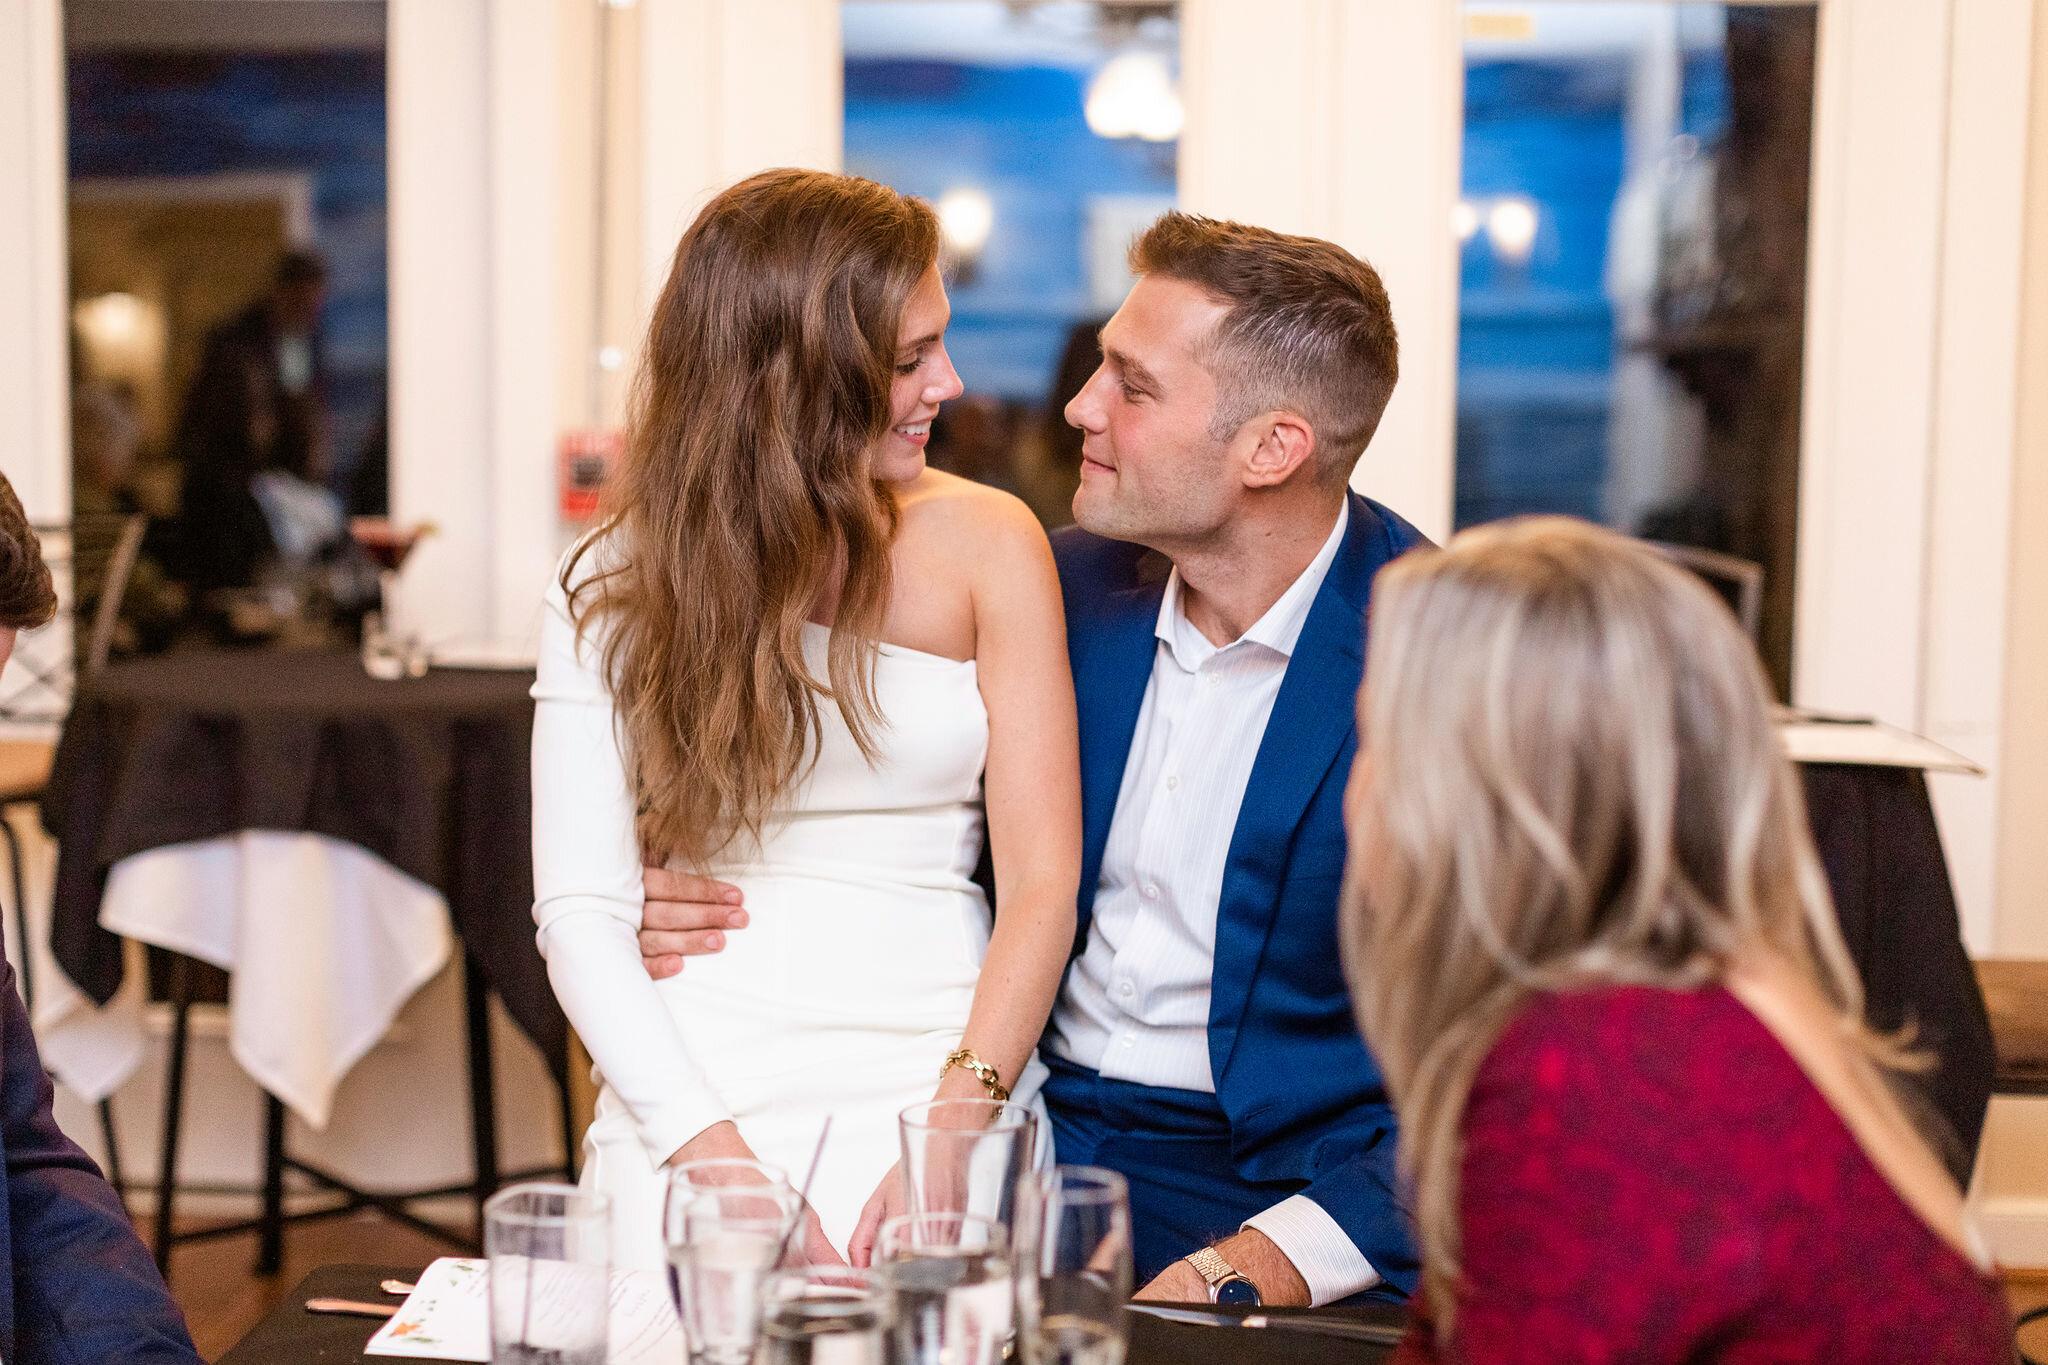 2019-10-12_Meg-Mikes-Wedding-The-Flats-MA_Rehearsal-Dinner_Jaimie-Macari-Photo-3378.jpg